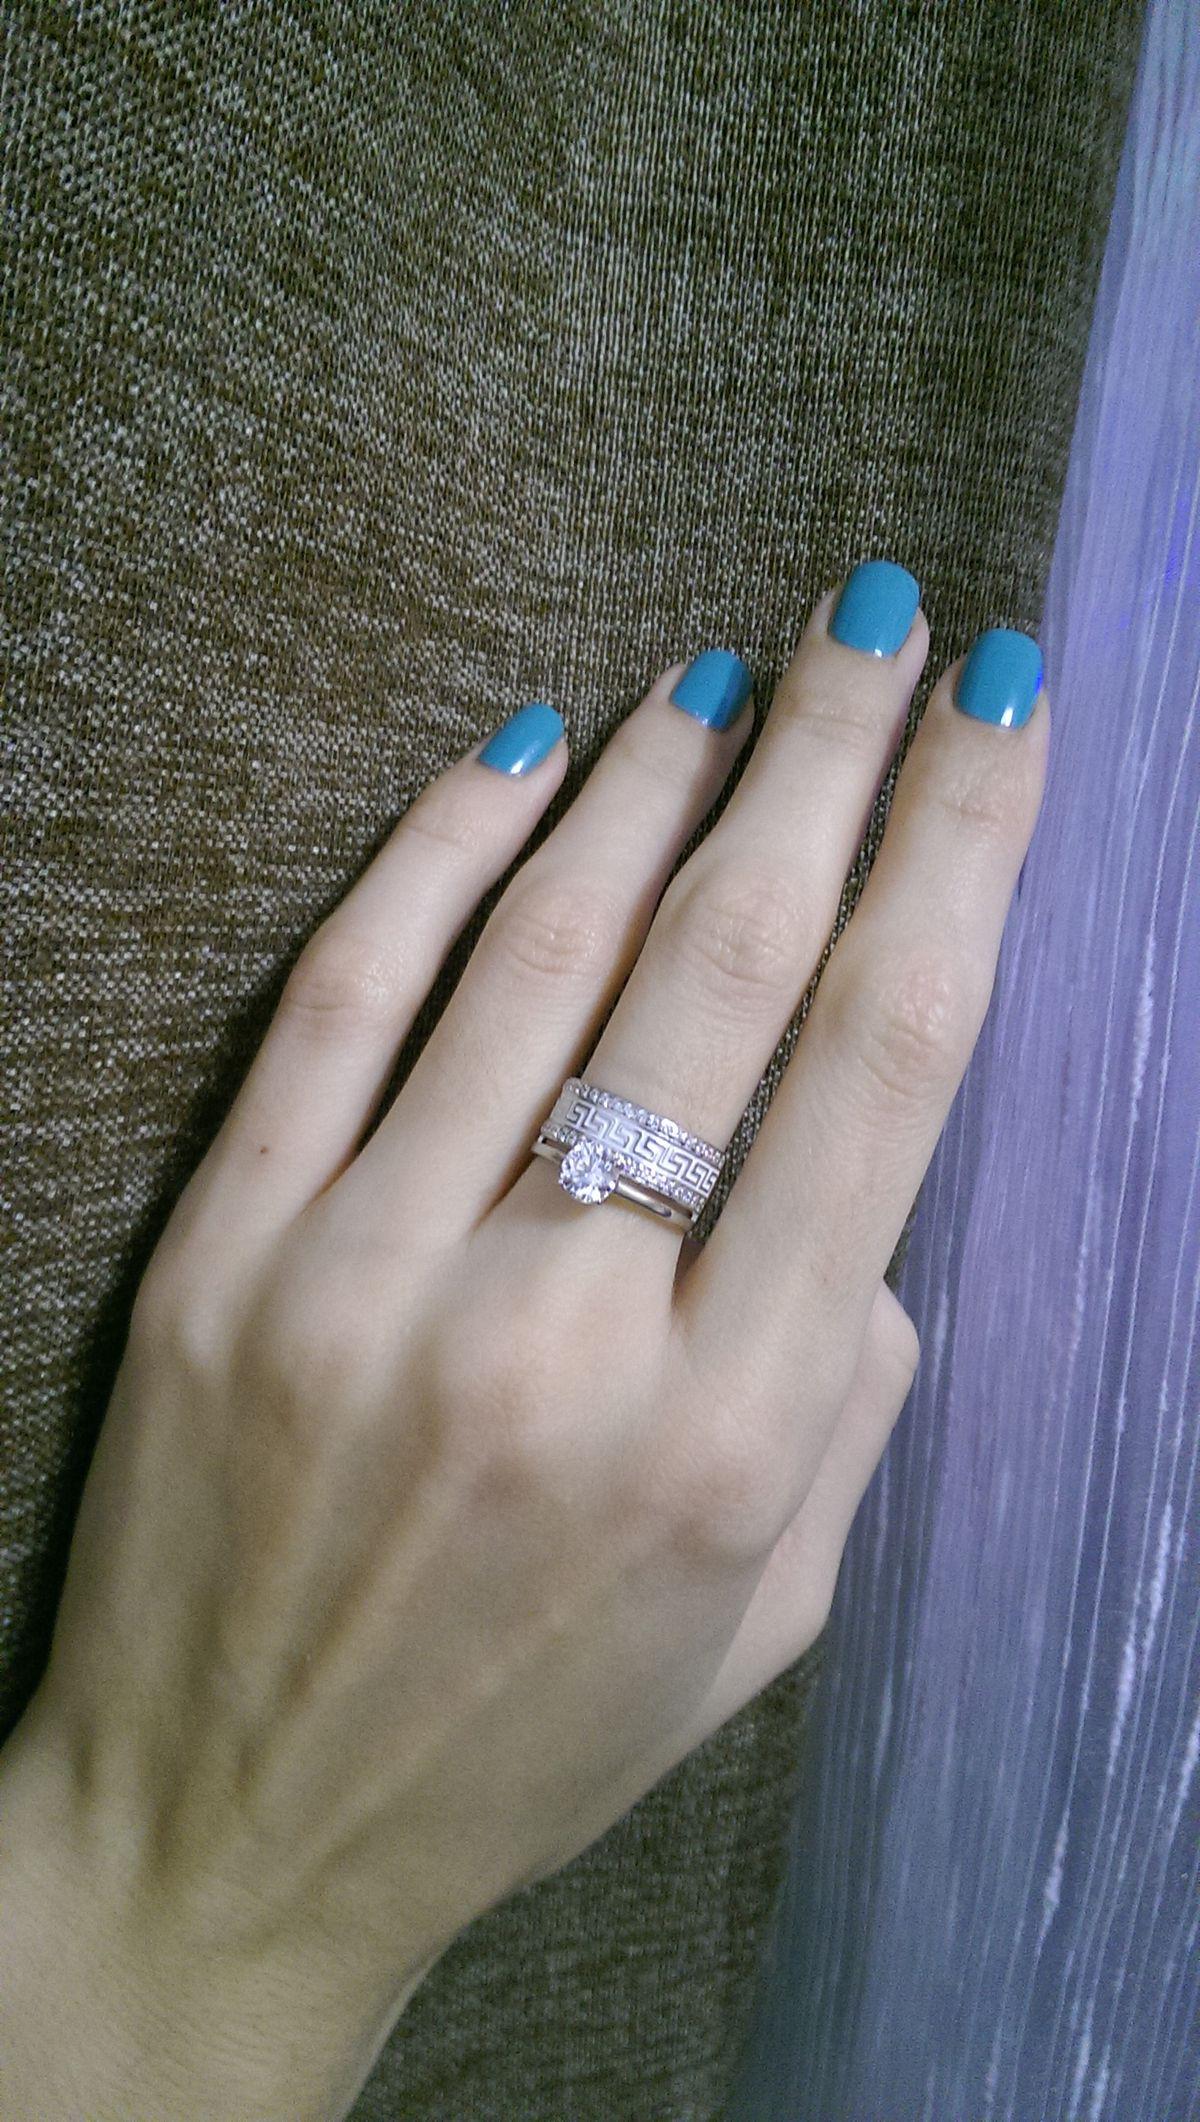 Крутое кольцо, кольцо мечты))